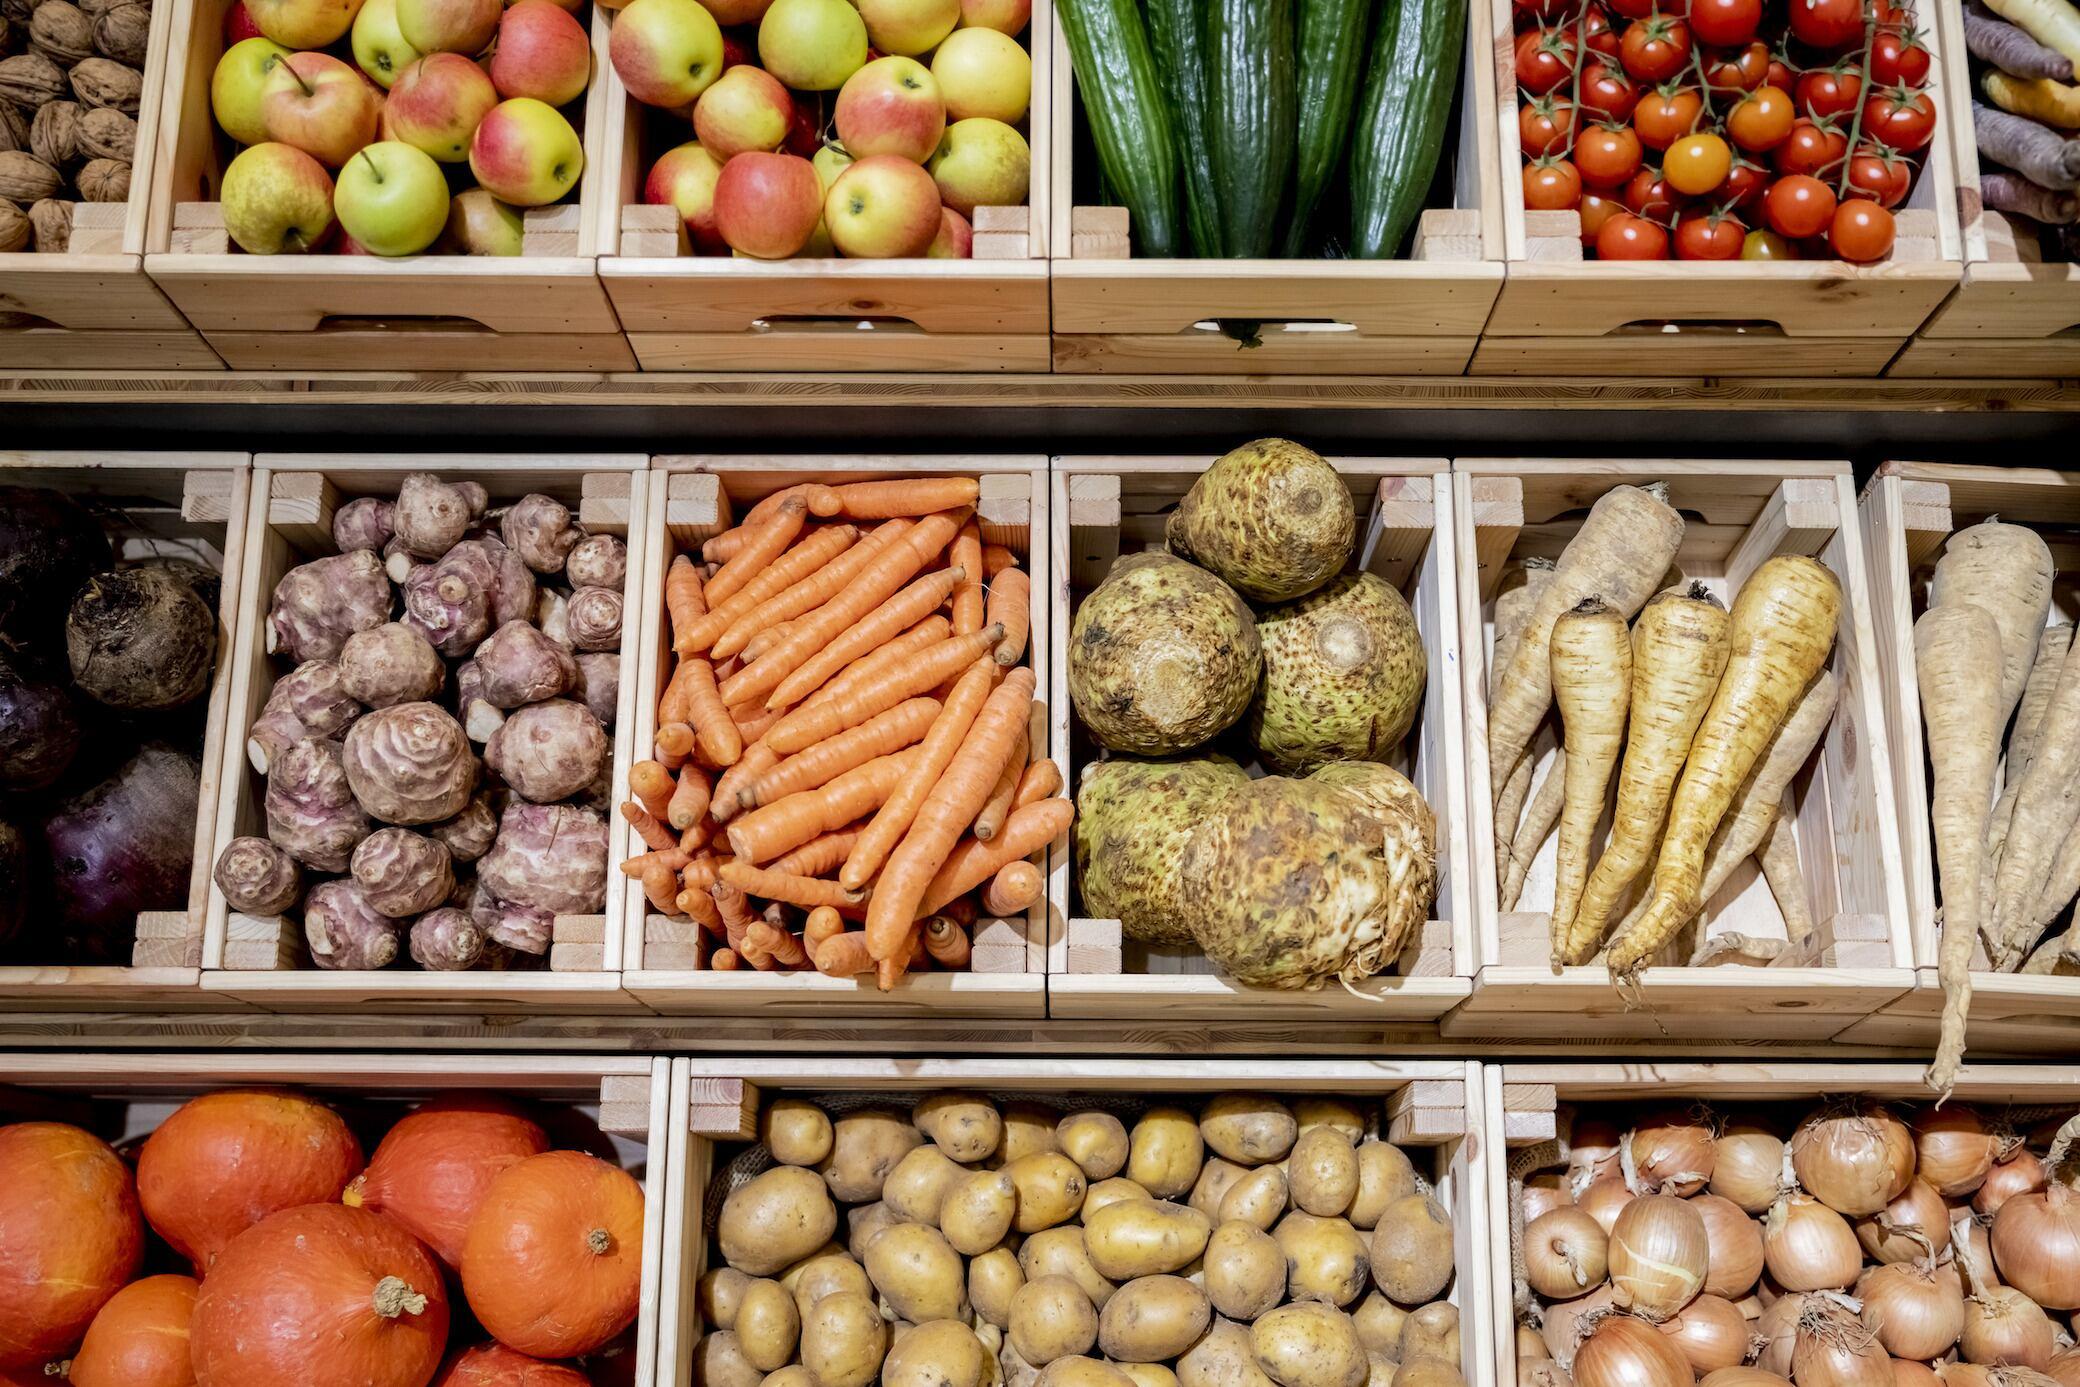 Gibt es wirklich einen Unterschied zwischen Obst und Gemüse?